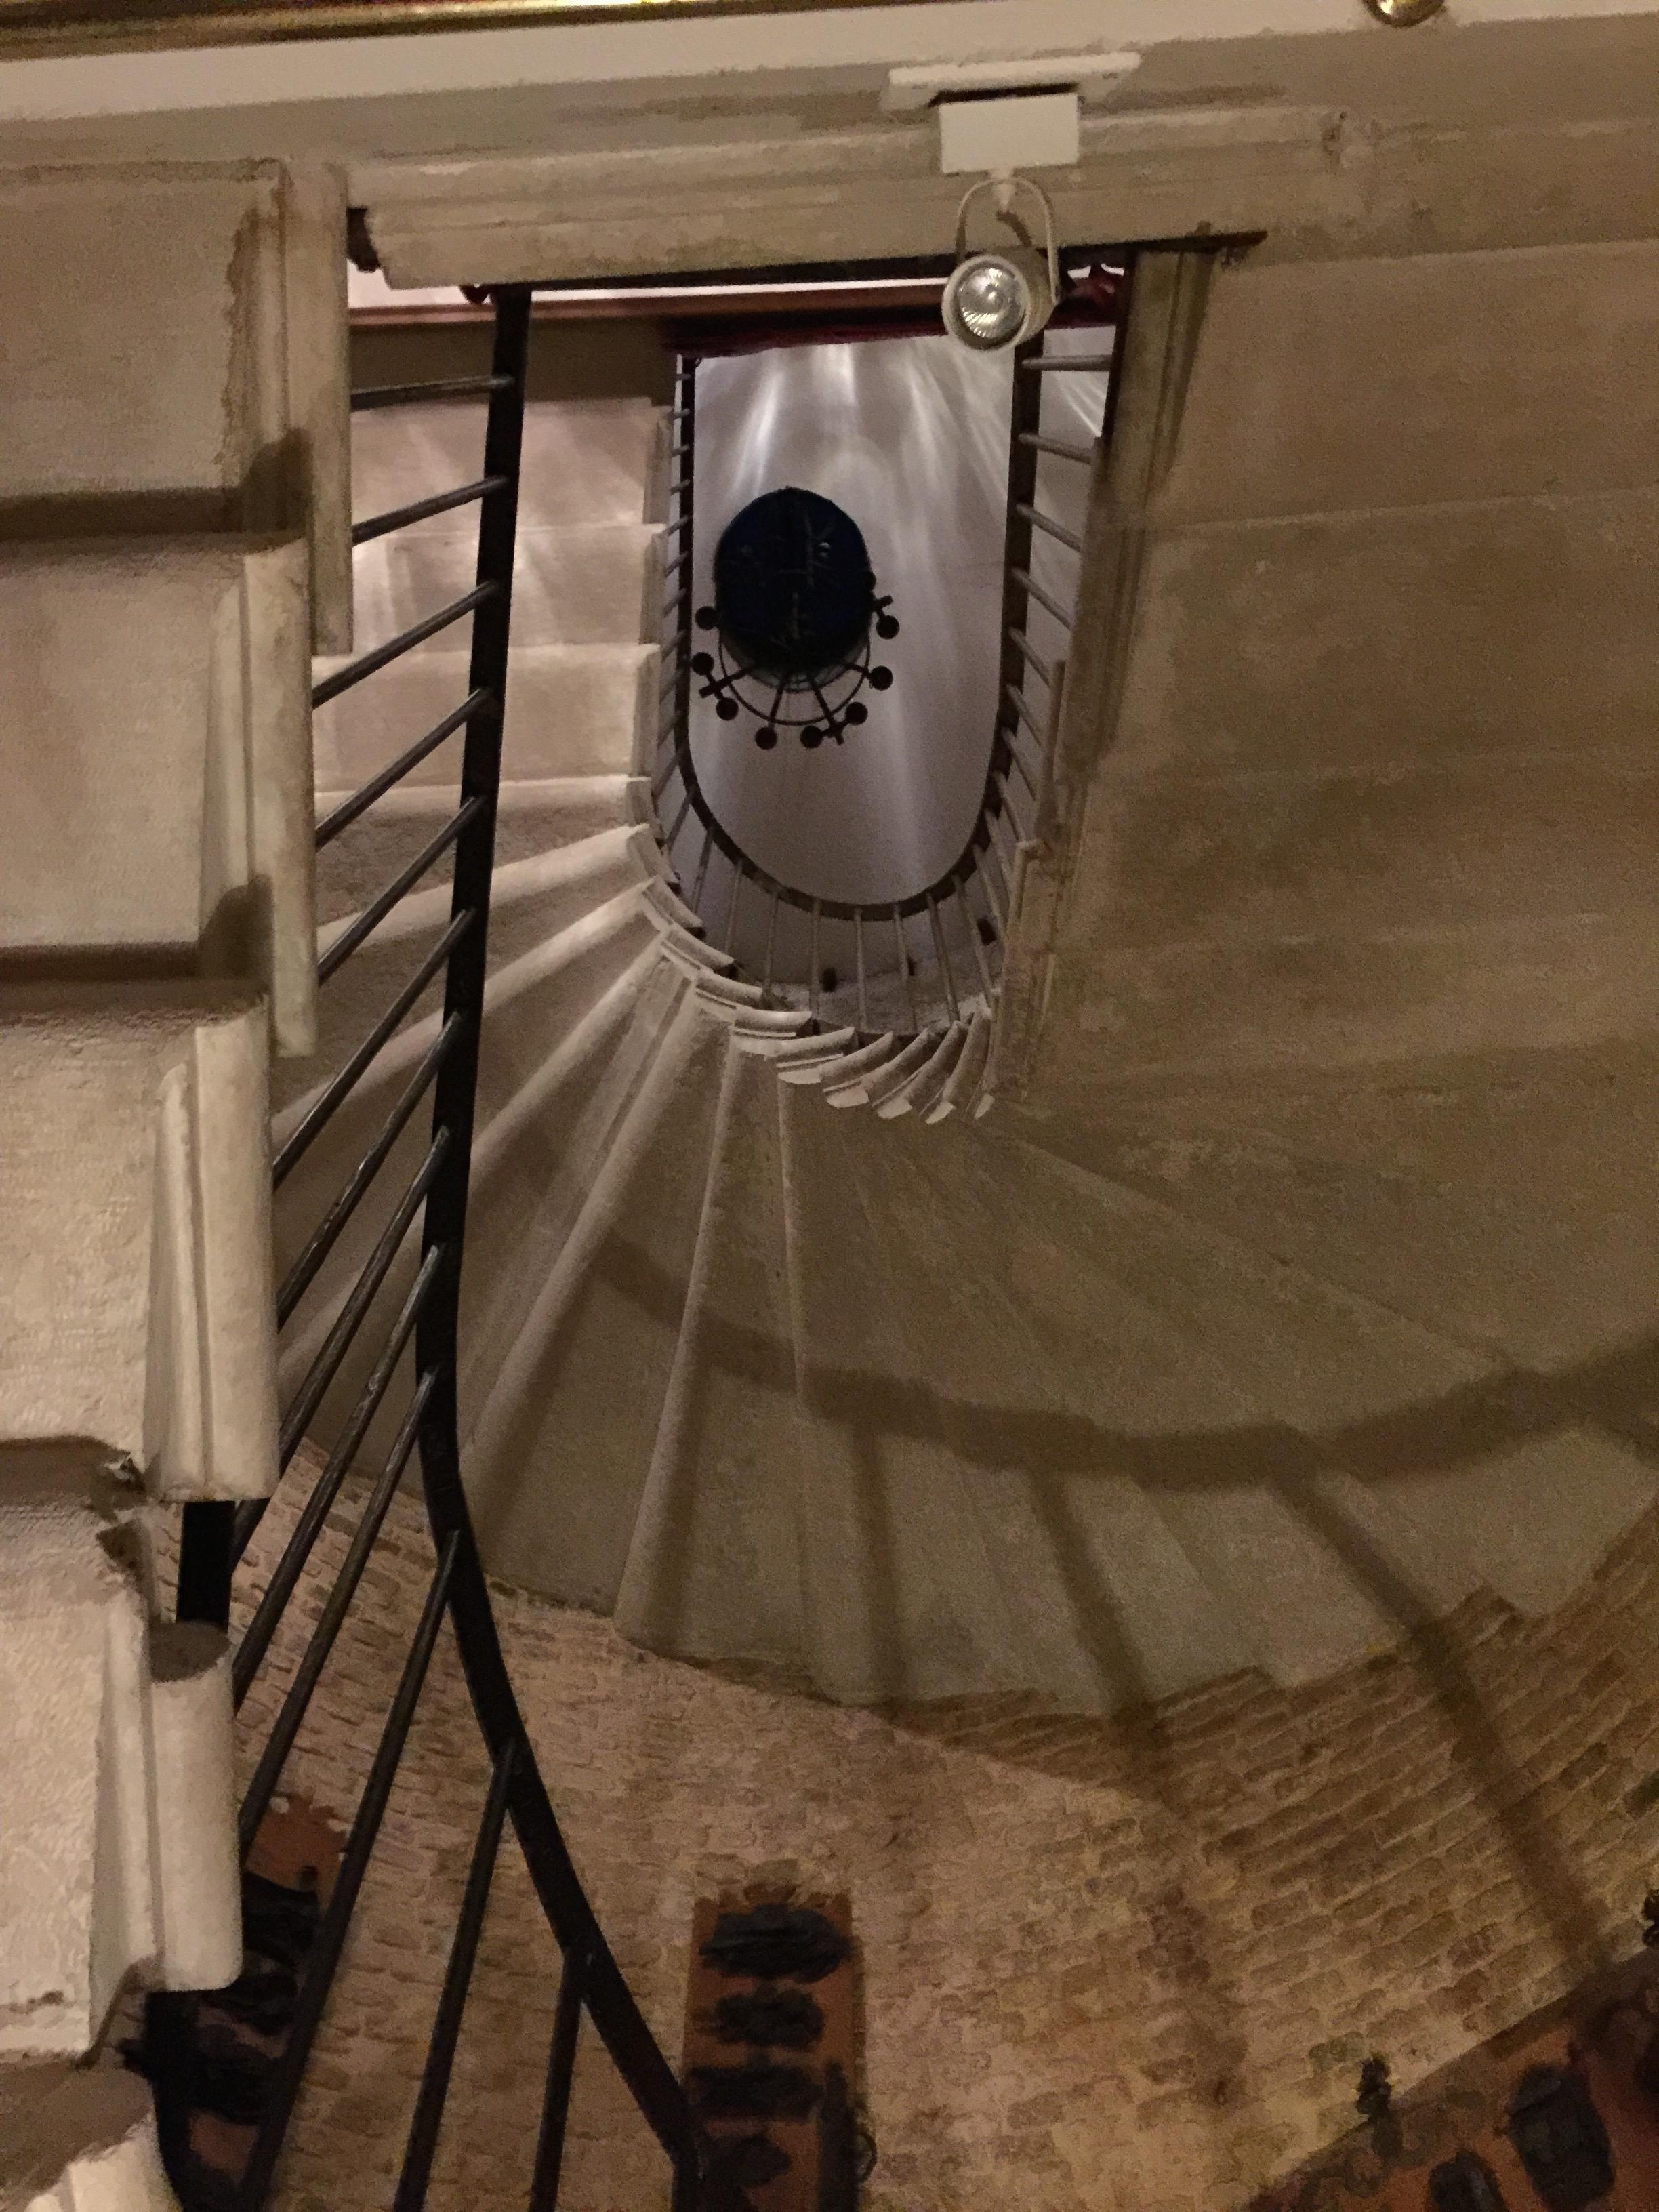 scalier en colimaçon de l'ancien bâtiment de la Pietà, qui fait maintenant partie de l'Hôtel Metropole